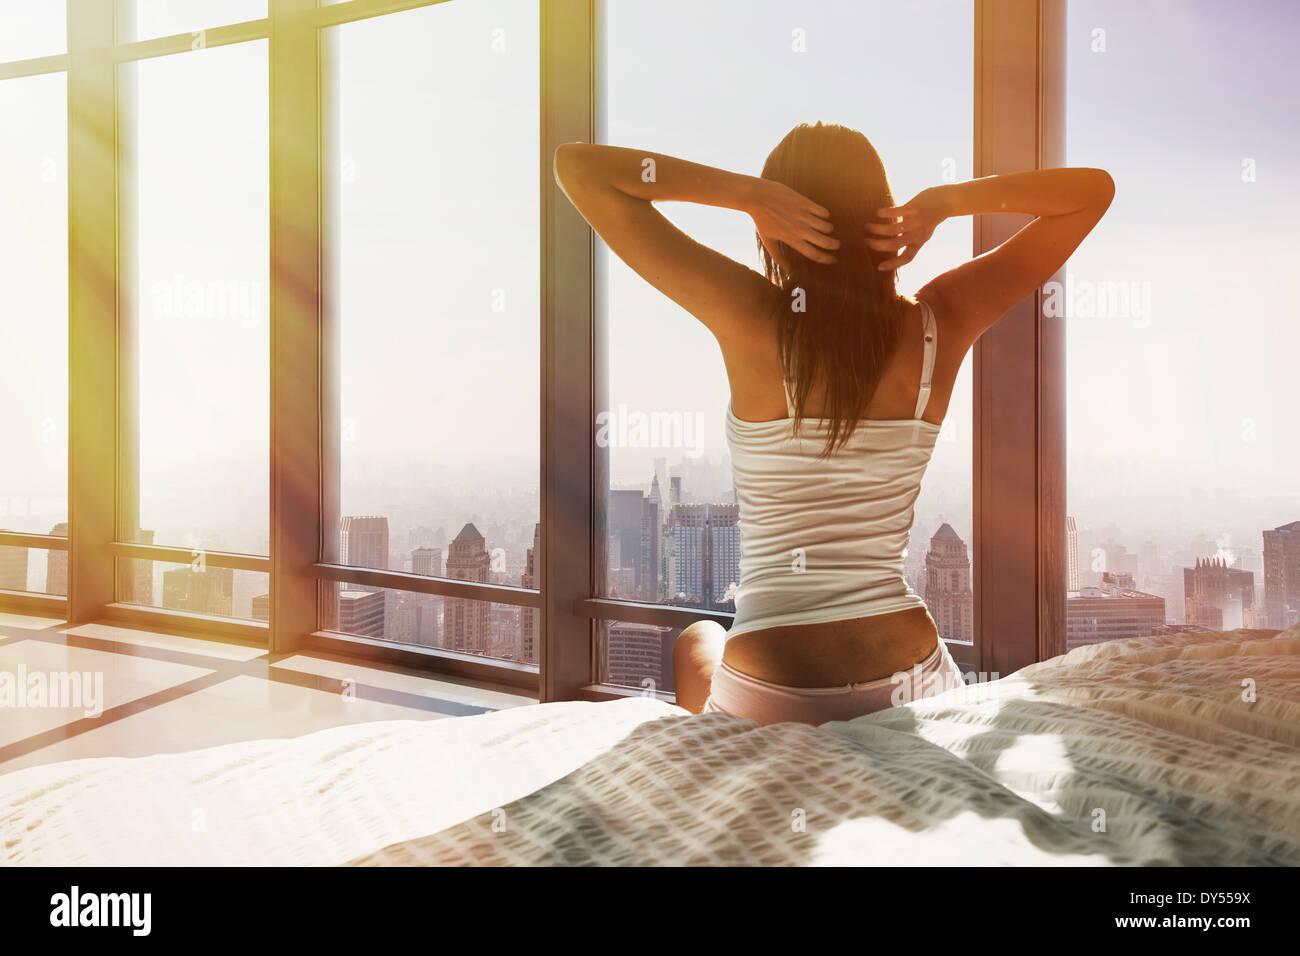 Giovane donna seduta sul letto, stretching, affacciato sulla città Immagini Stock